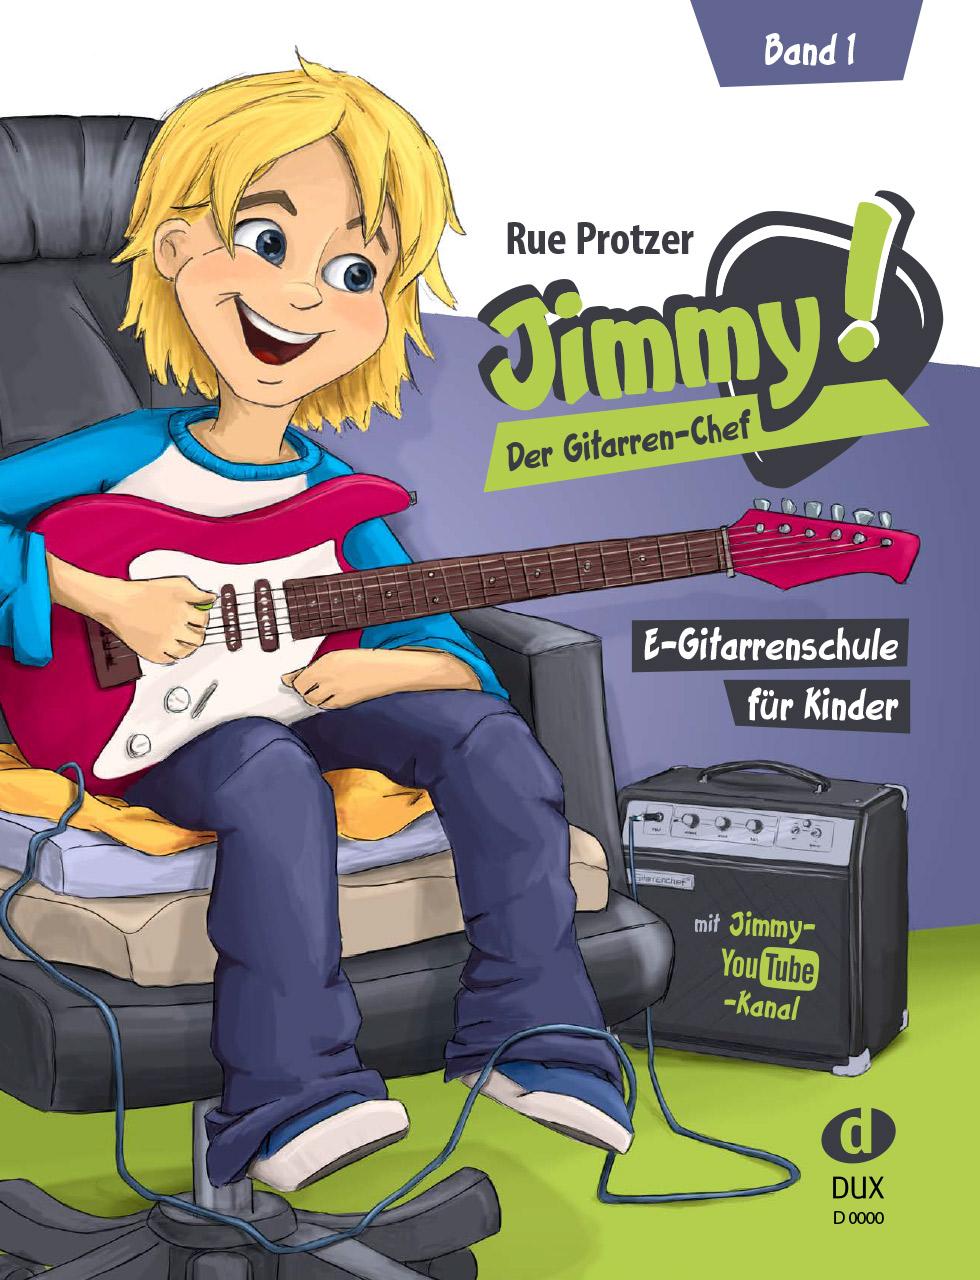 jimmy-band-1